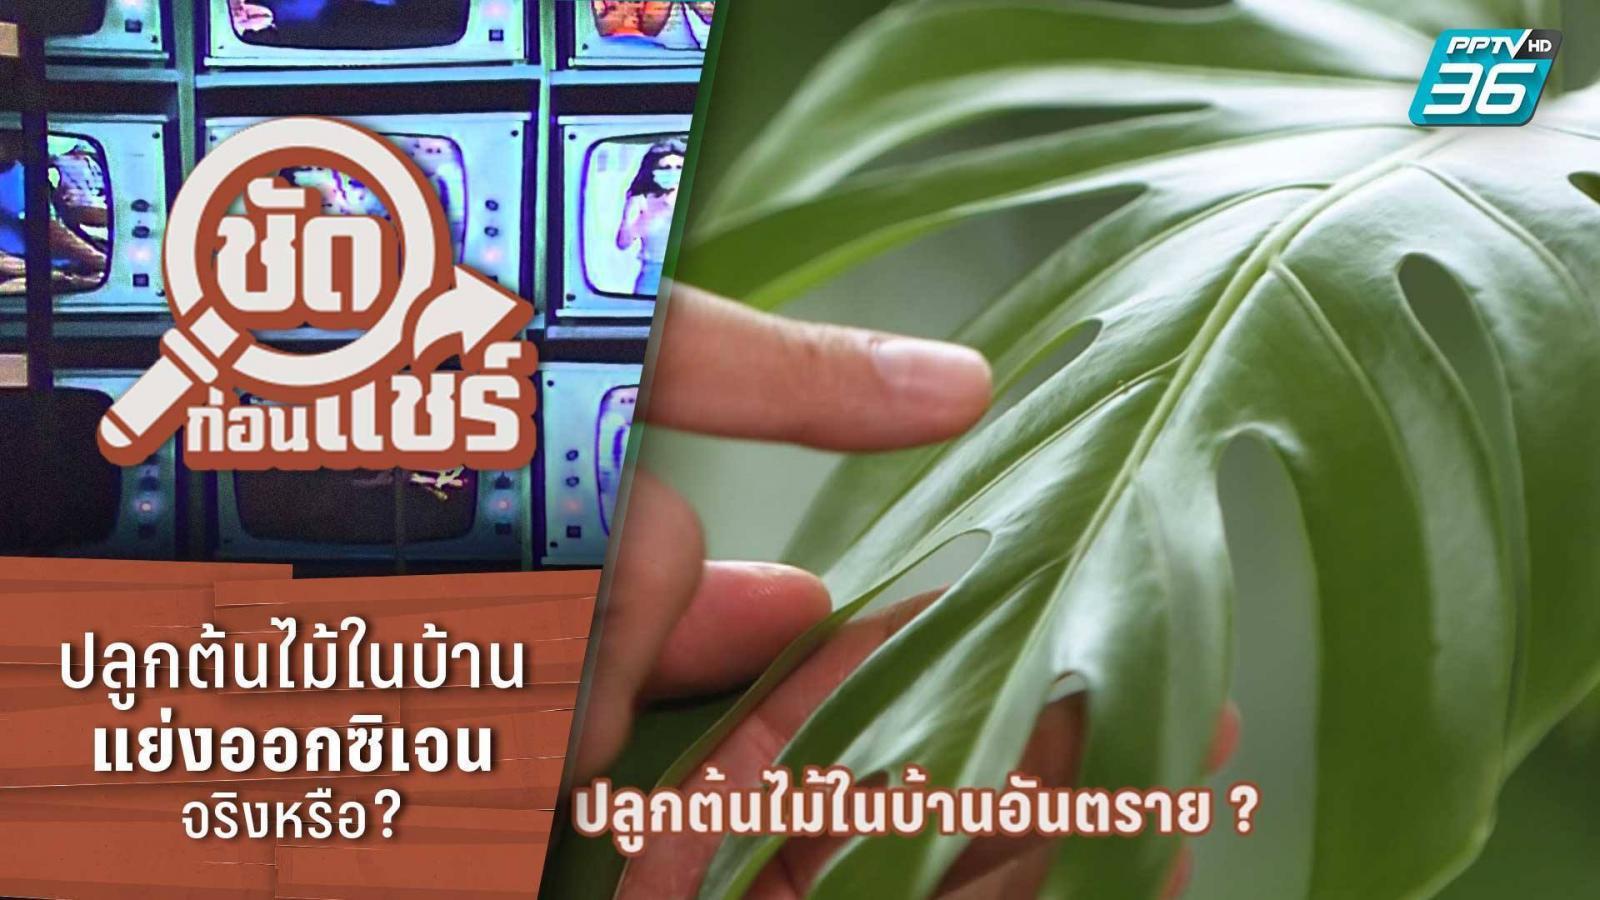 ชัดก่อนแชร์ | ปลูกต้นไม้ในบ้าน แย่งออกซิเจน จริงหรือ? | PPTV HD 36